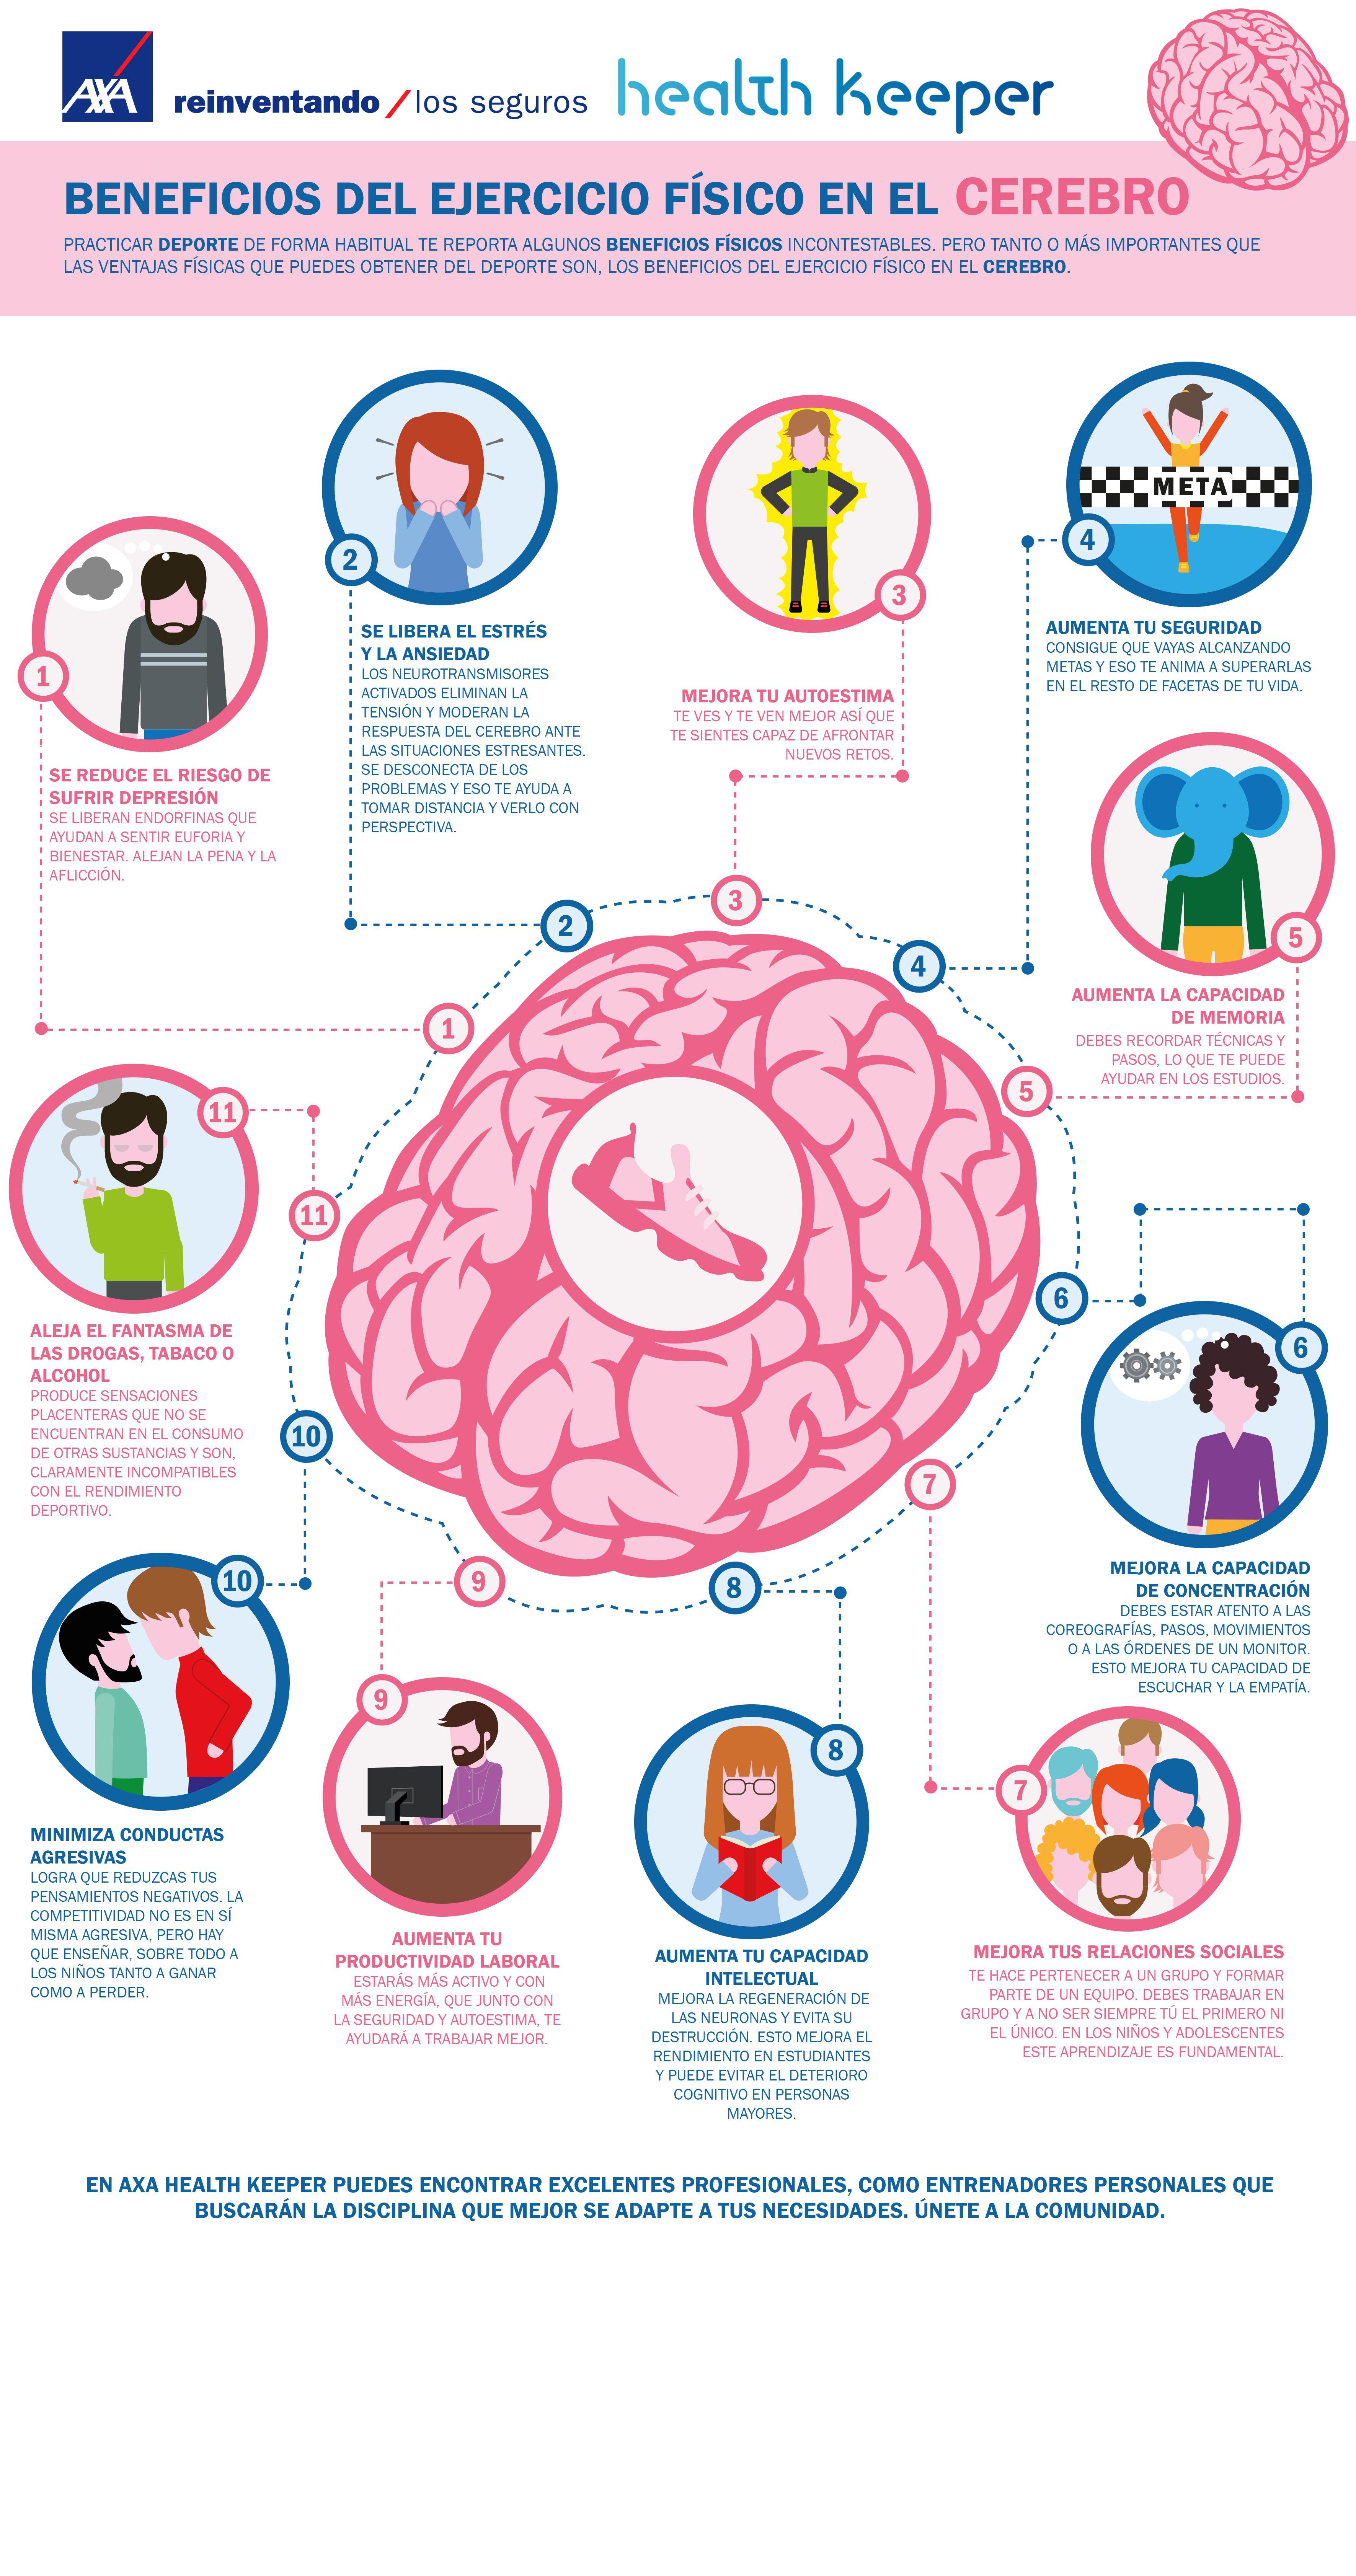 Practicar Deporte De Forma Habitual Te Reporta Algunos Beneficios Físicos Incontestab Actividad Fisica Y Salud Educación Para La Salud Beneficios Del Ejercicio